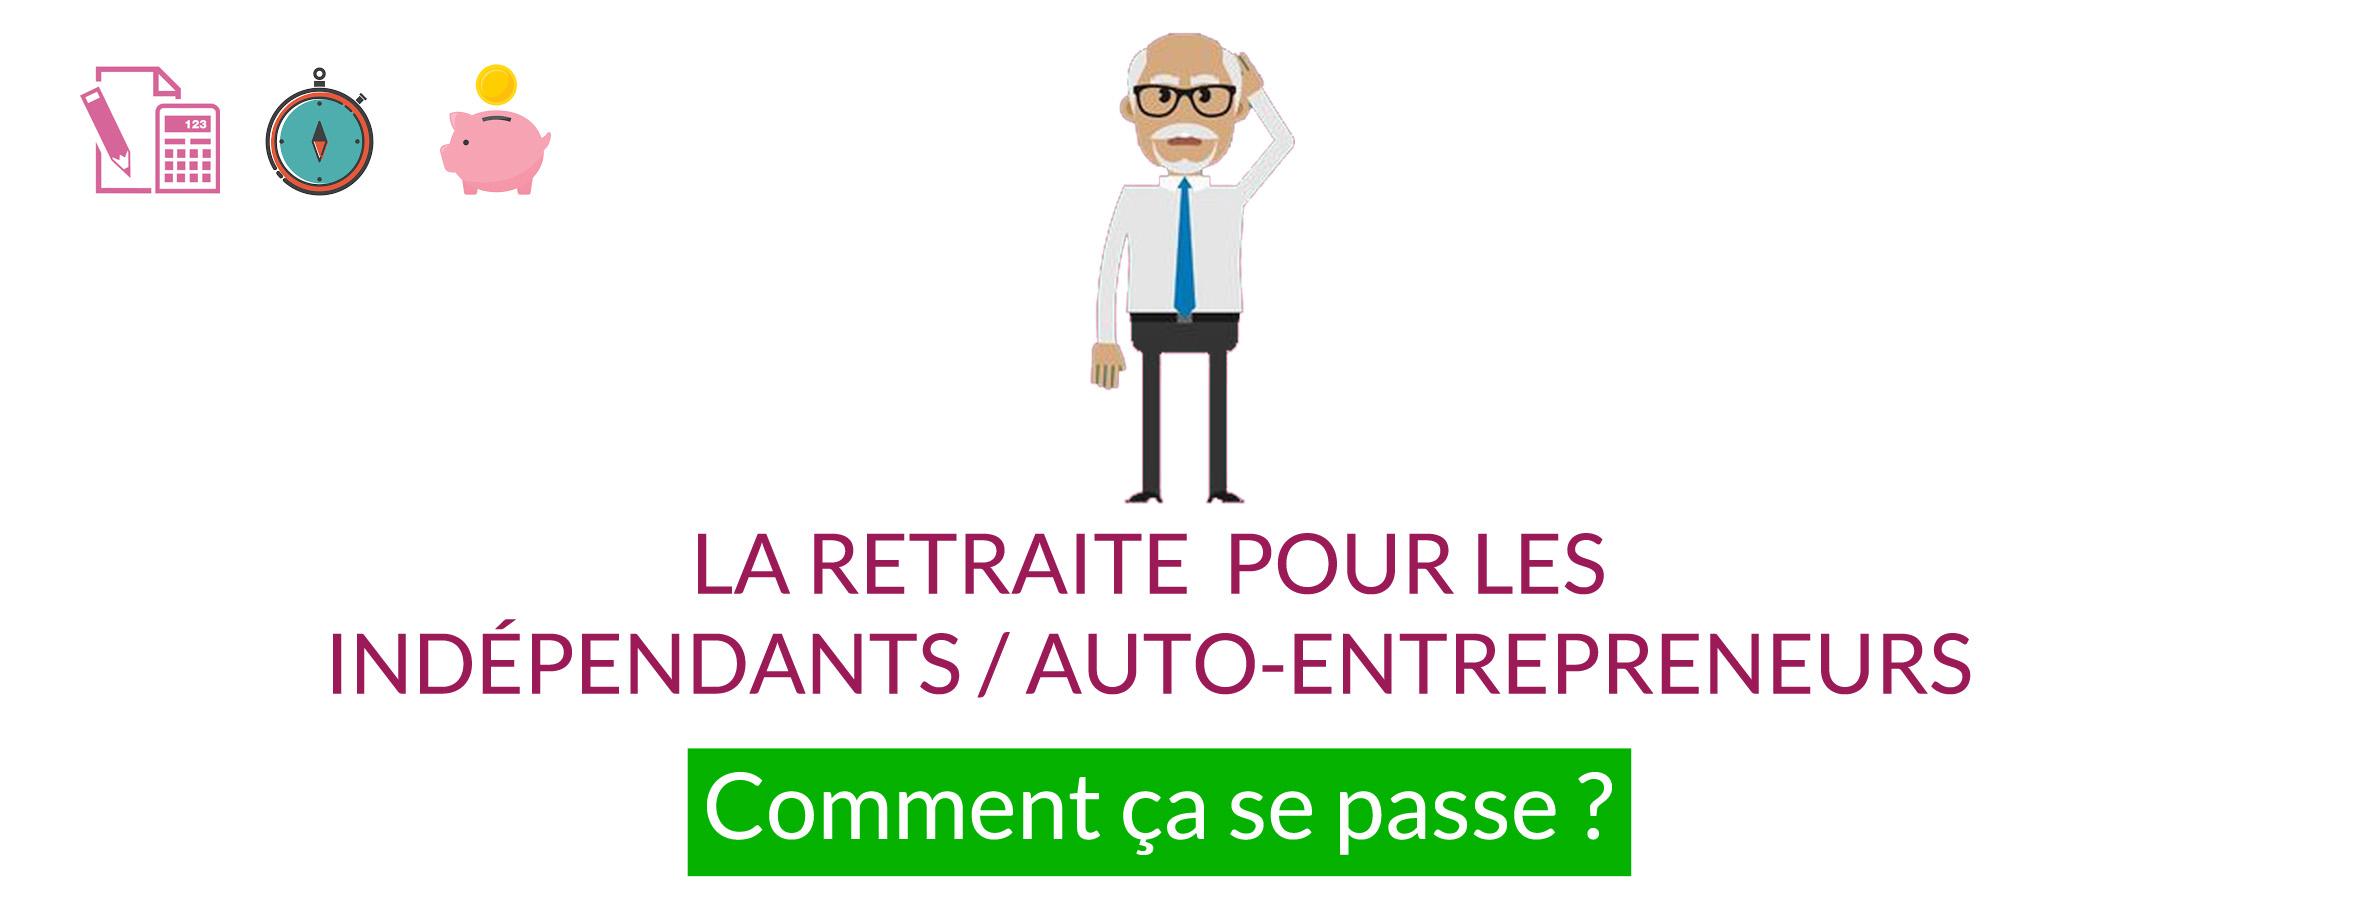 Retraite des indépendants / auto-entrepreneur